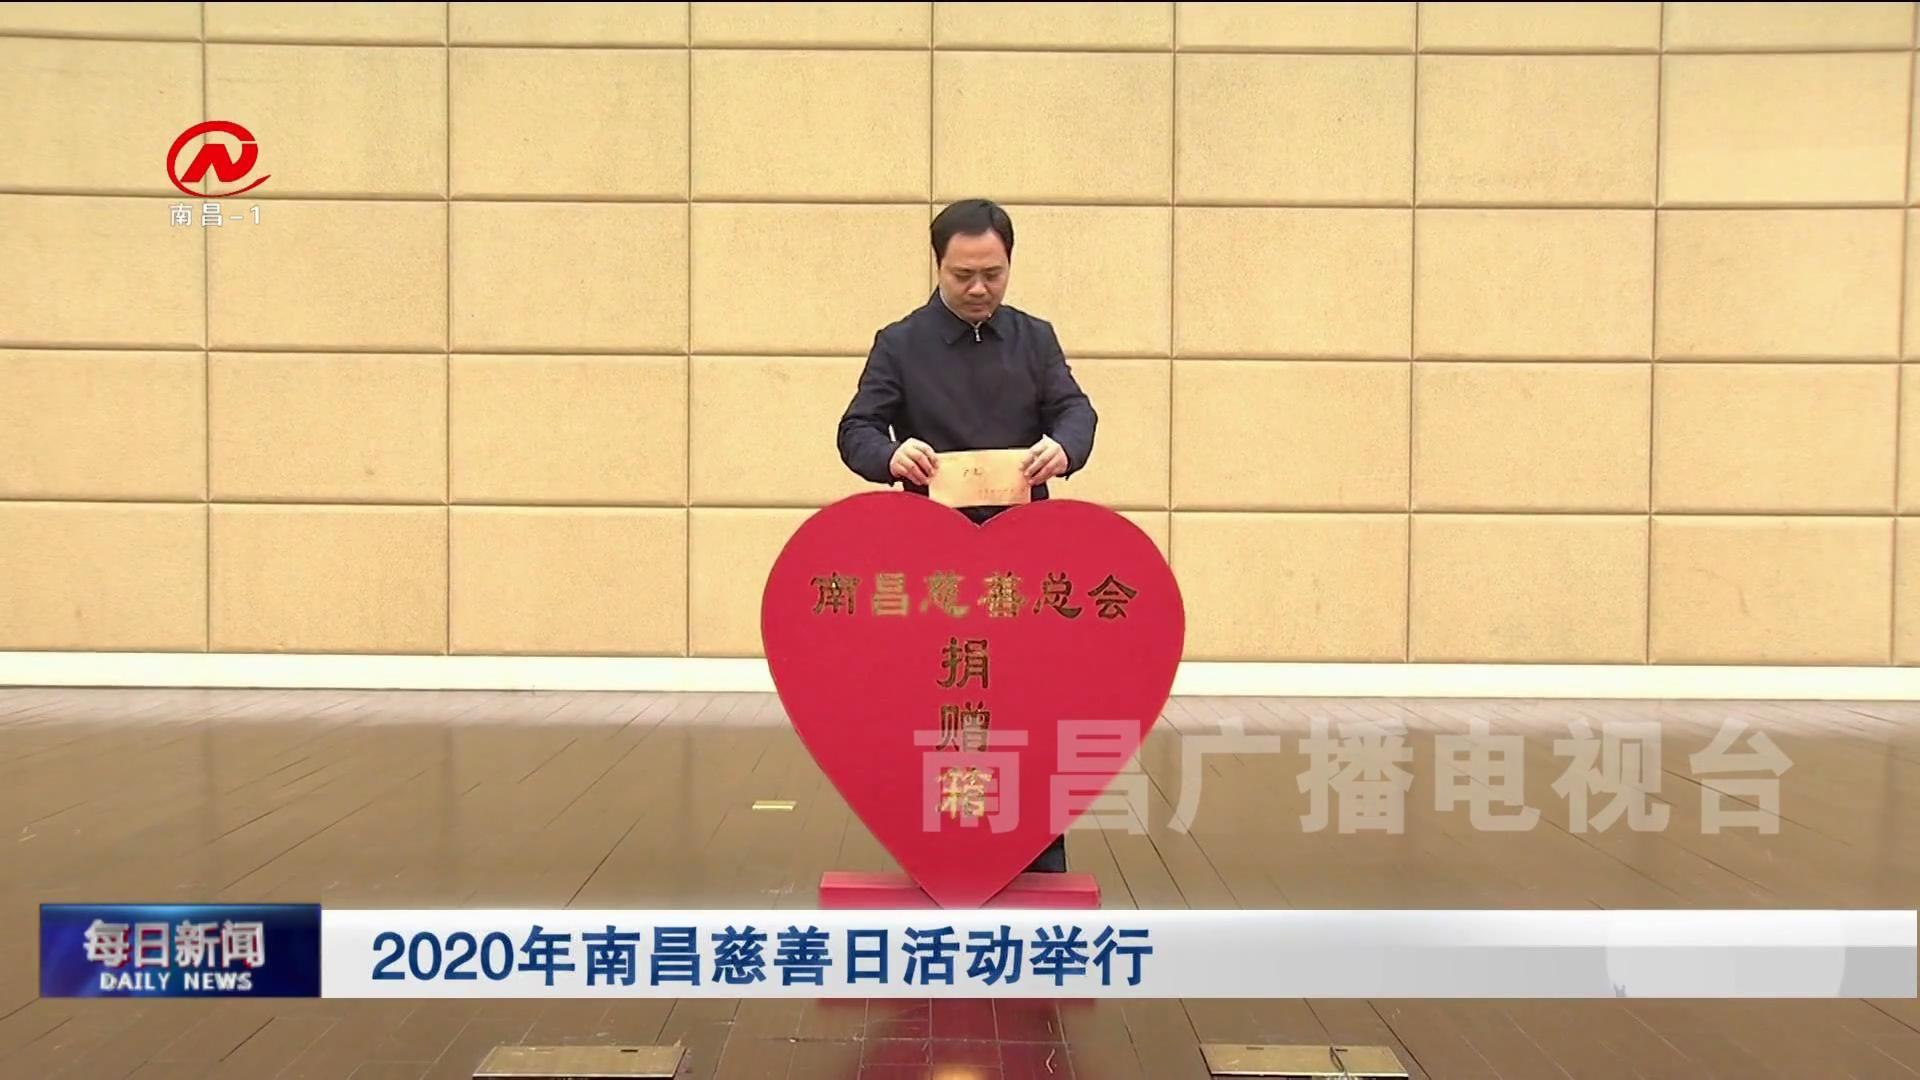 2020年南昌慈善日活动举行